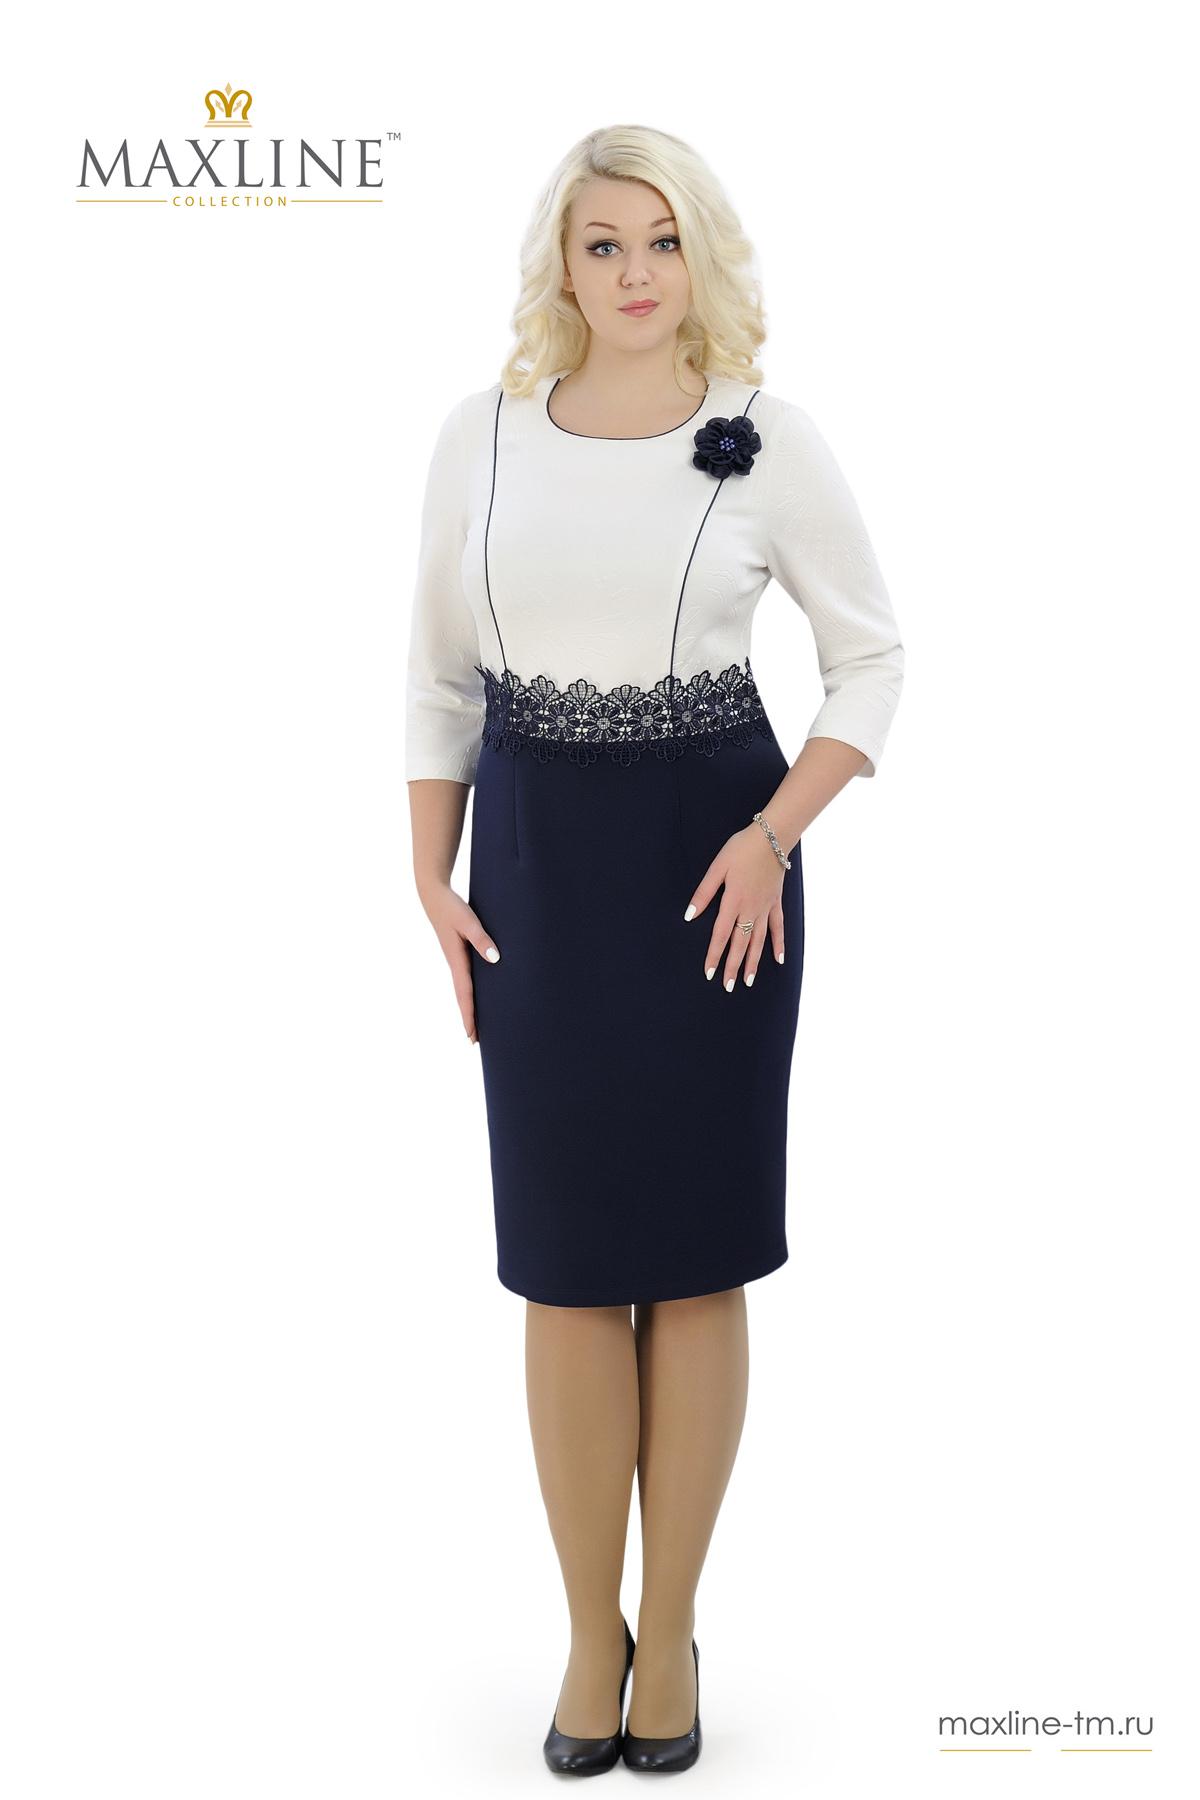 Сбор заказов. Готовимся к НГ: Платья и костюмы из Киргизии: экономим на цене, а не на качестве.Размеры от 42 до 64. Будь красивой в любом размере! Теперь и без рядов